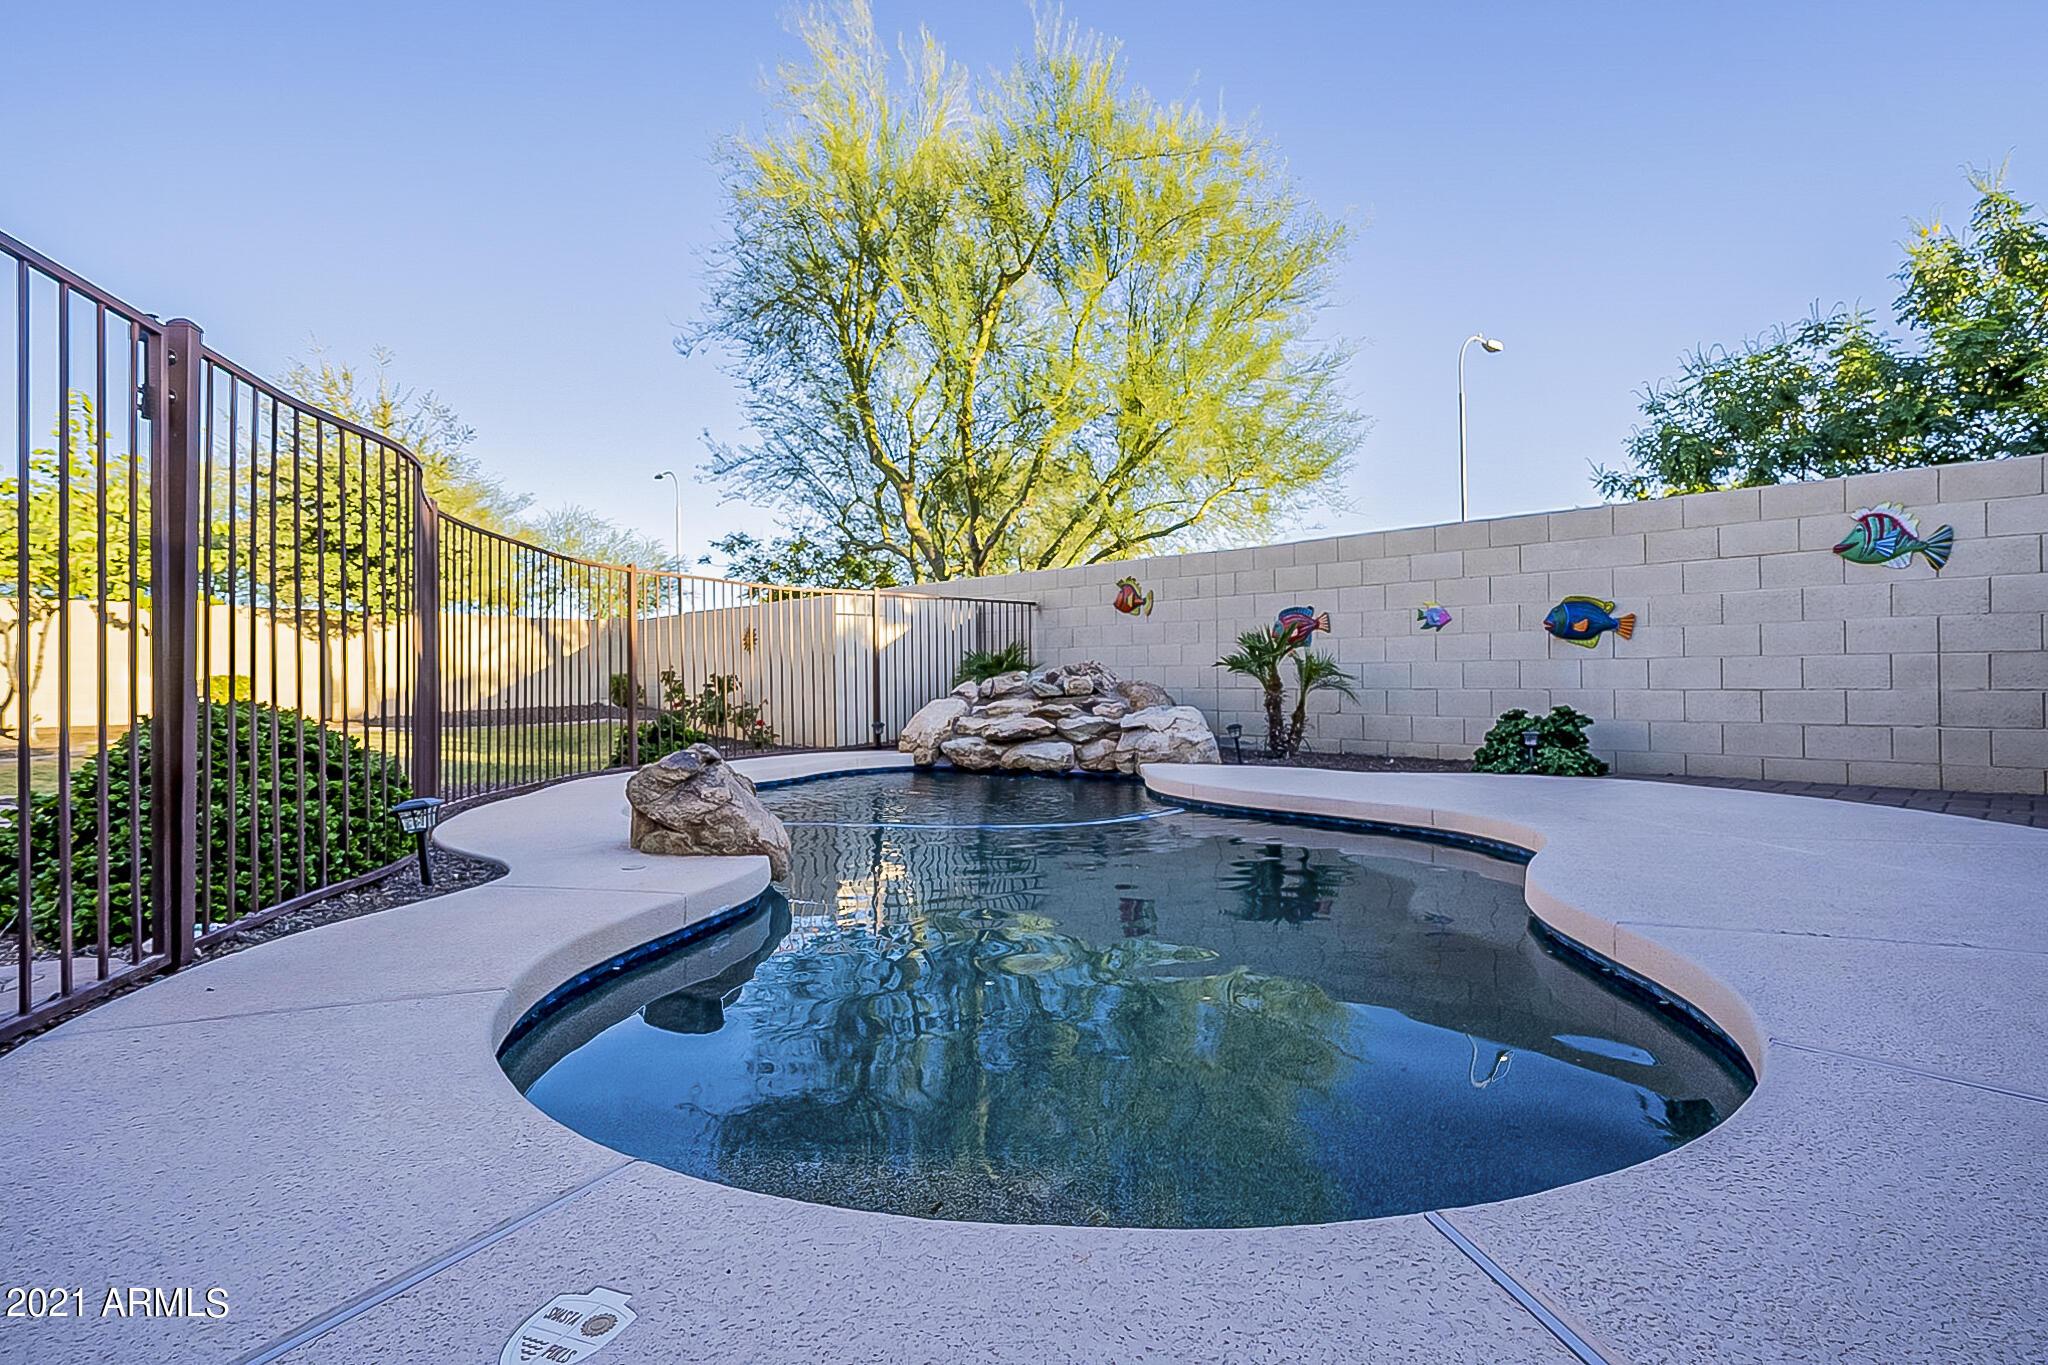 MLS 6307831 3705 E BARTLETT Way, Chandler, AZ 85249 85249